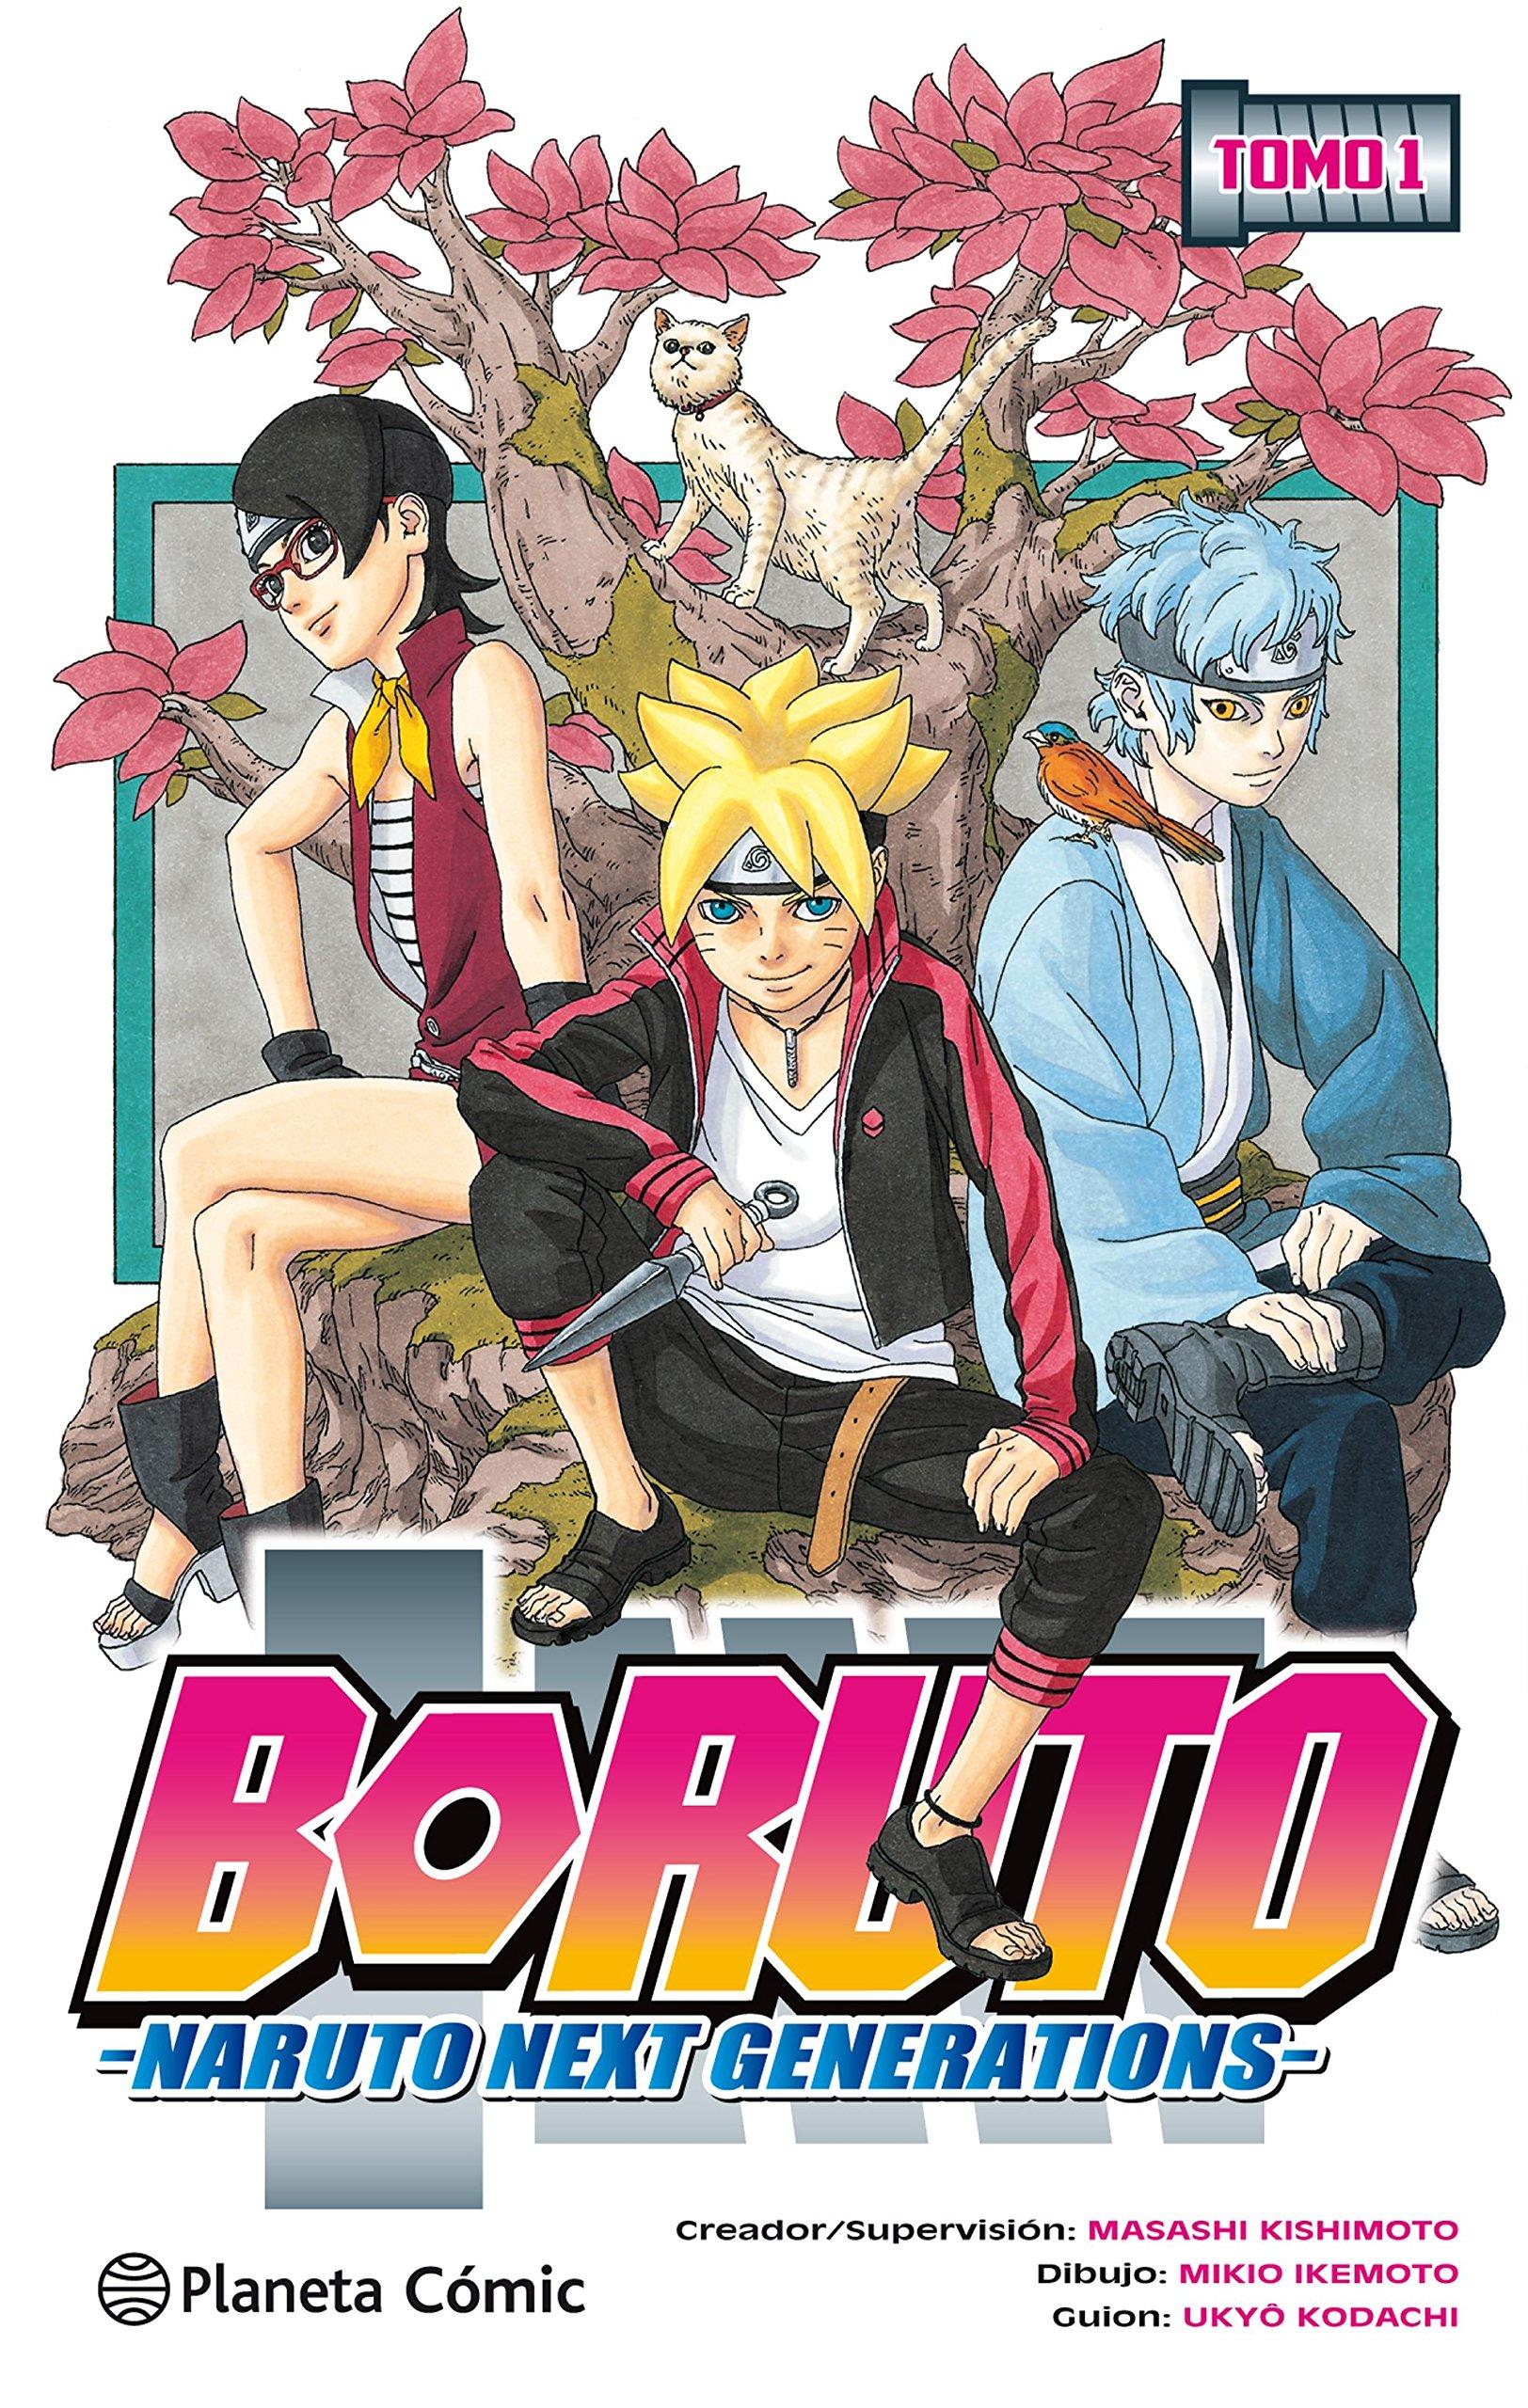 Boruto 1, Naruto next generations: Masashi Kishimoto ...